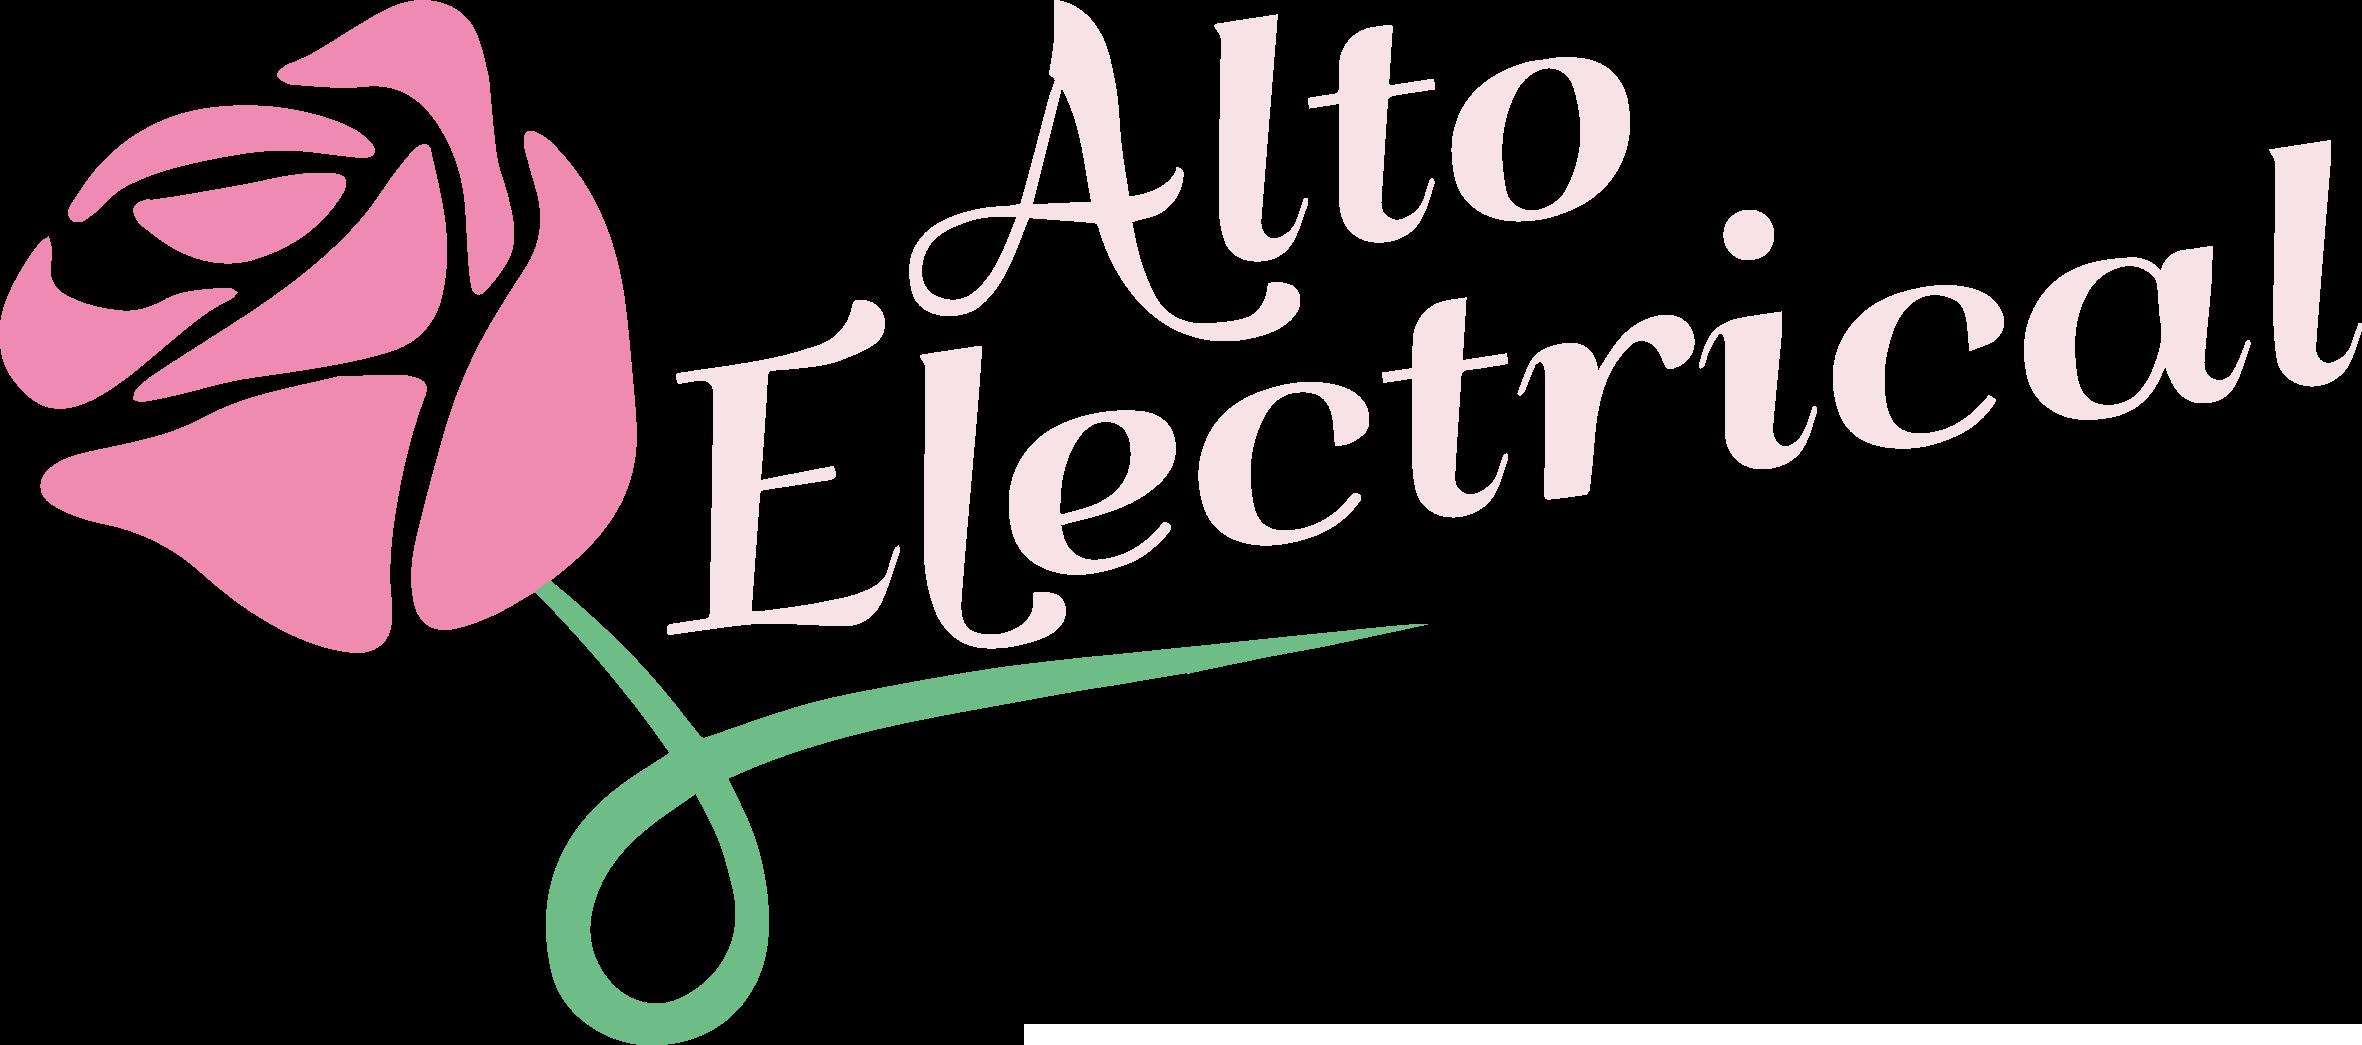 Alto Electrical